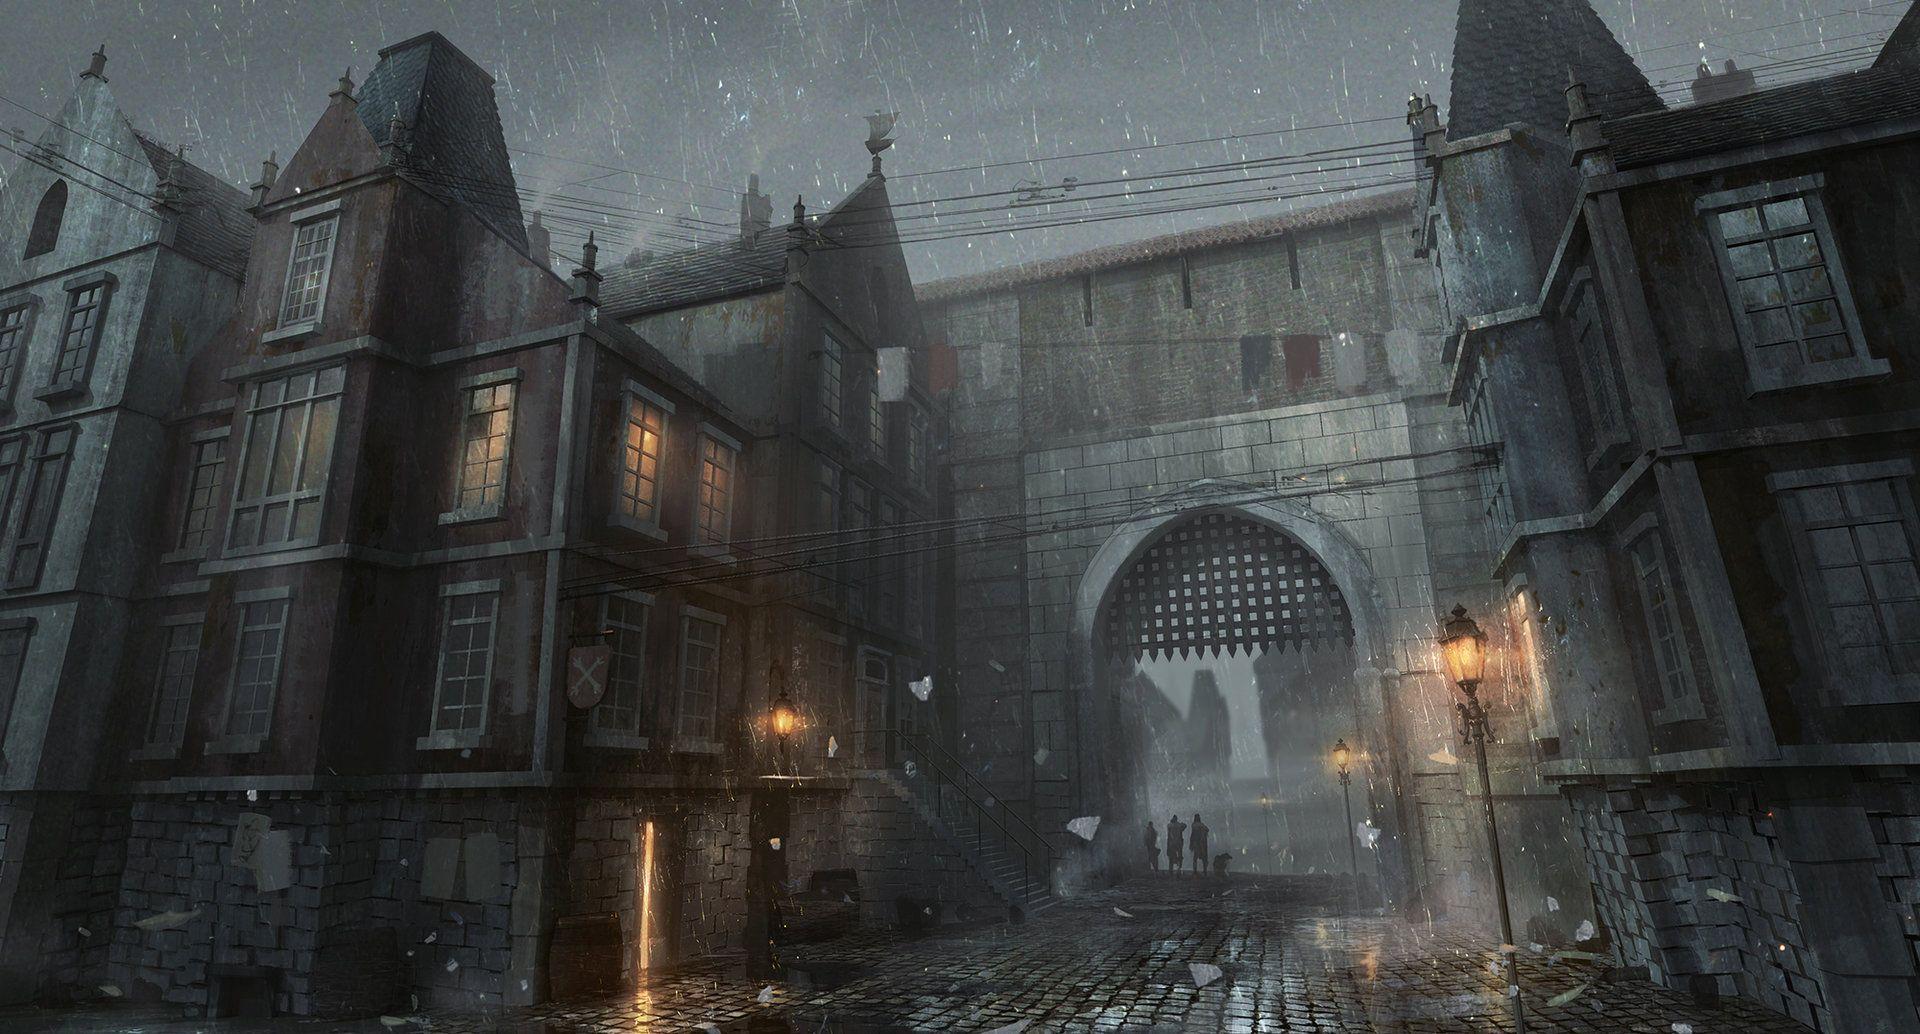 ArtStation - City of Camorr, Bram Sels